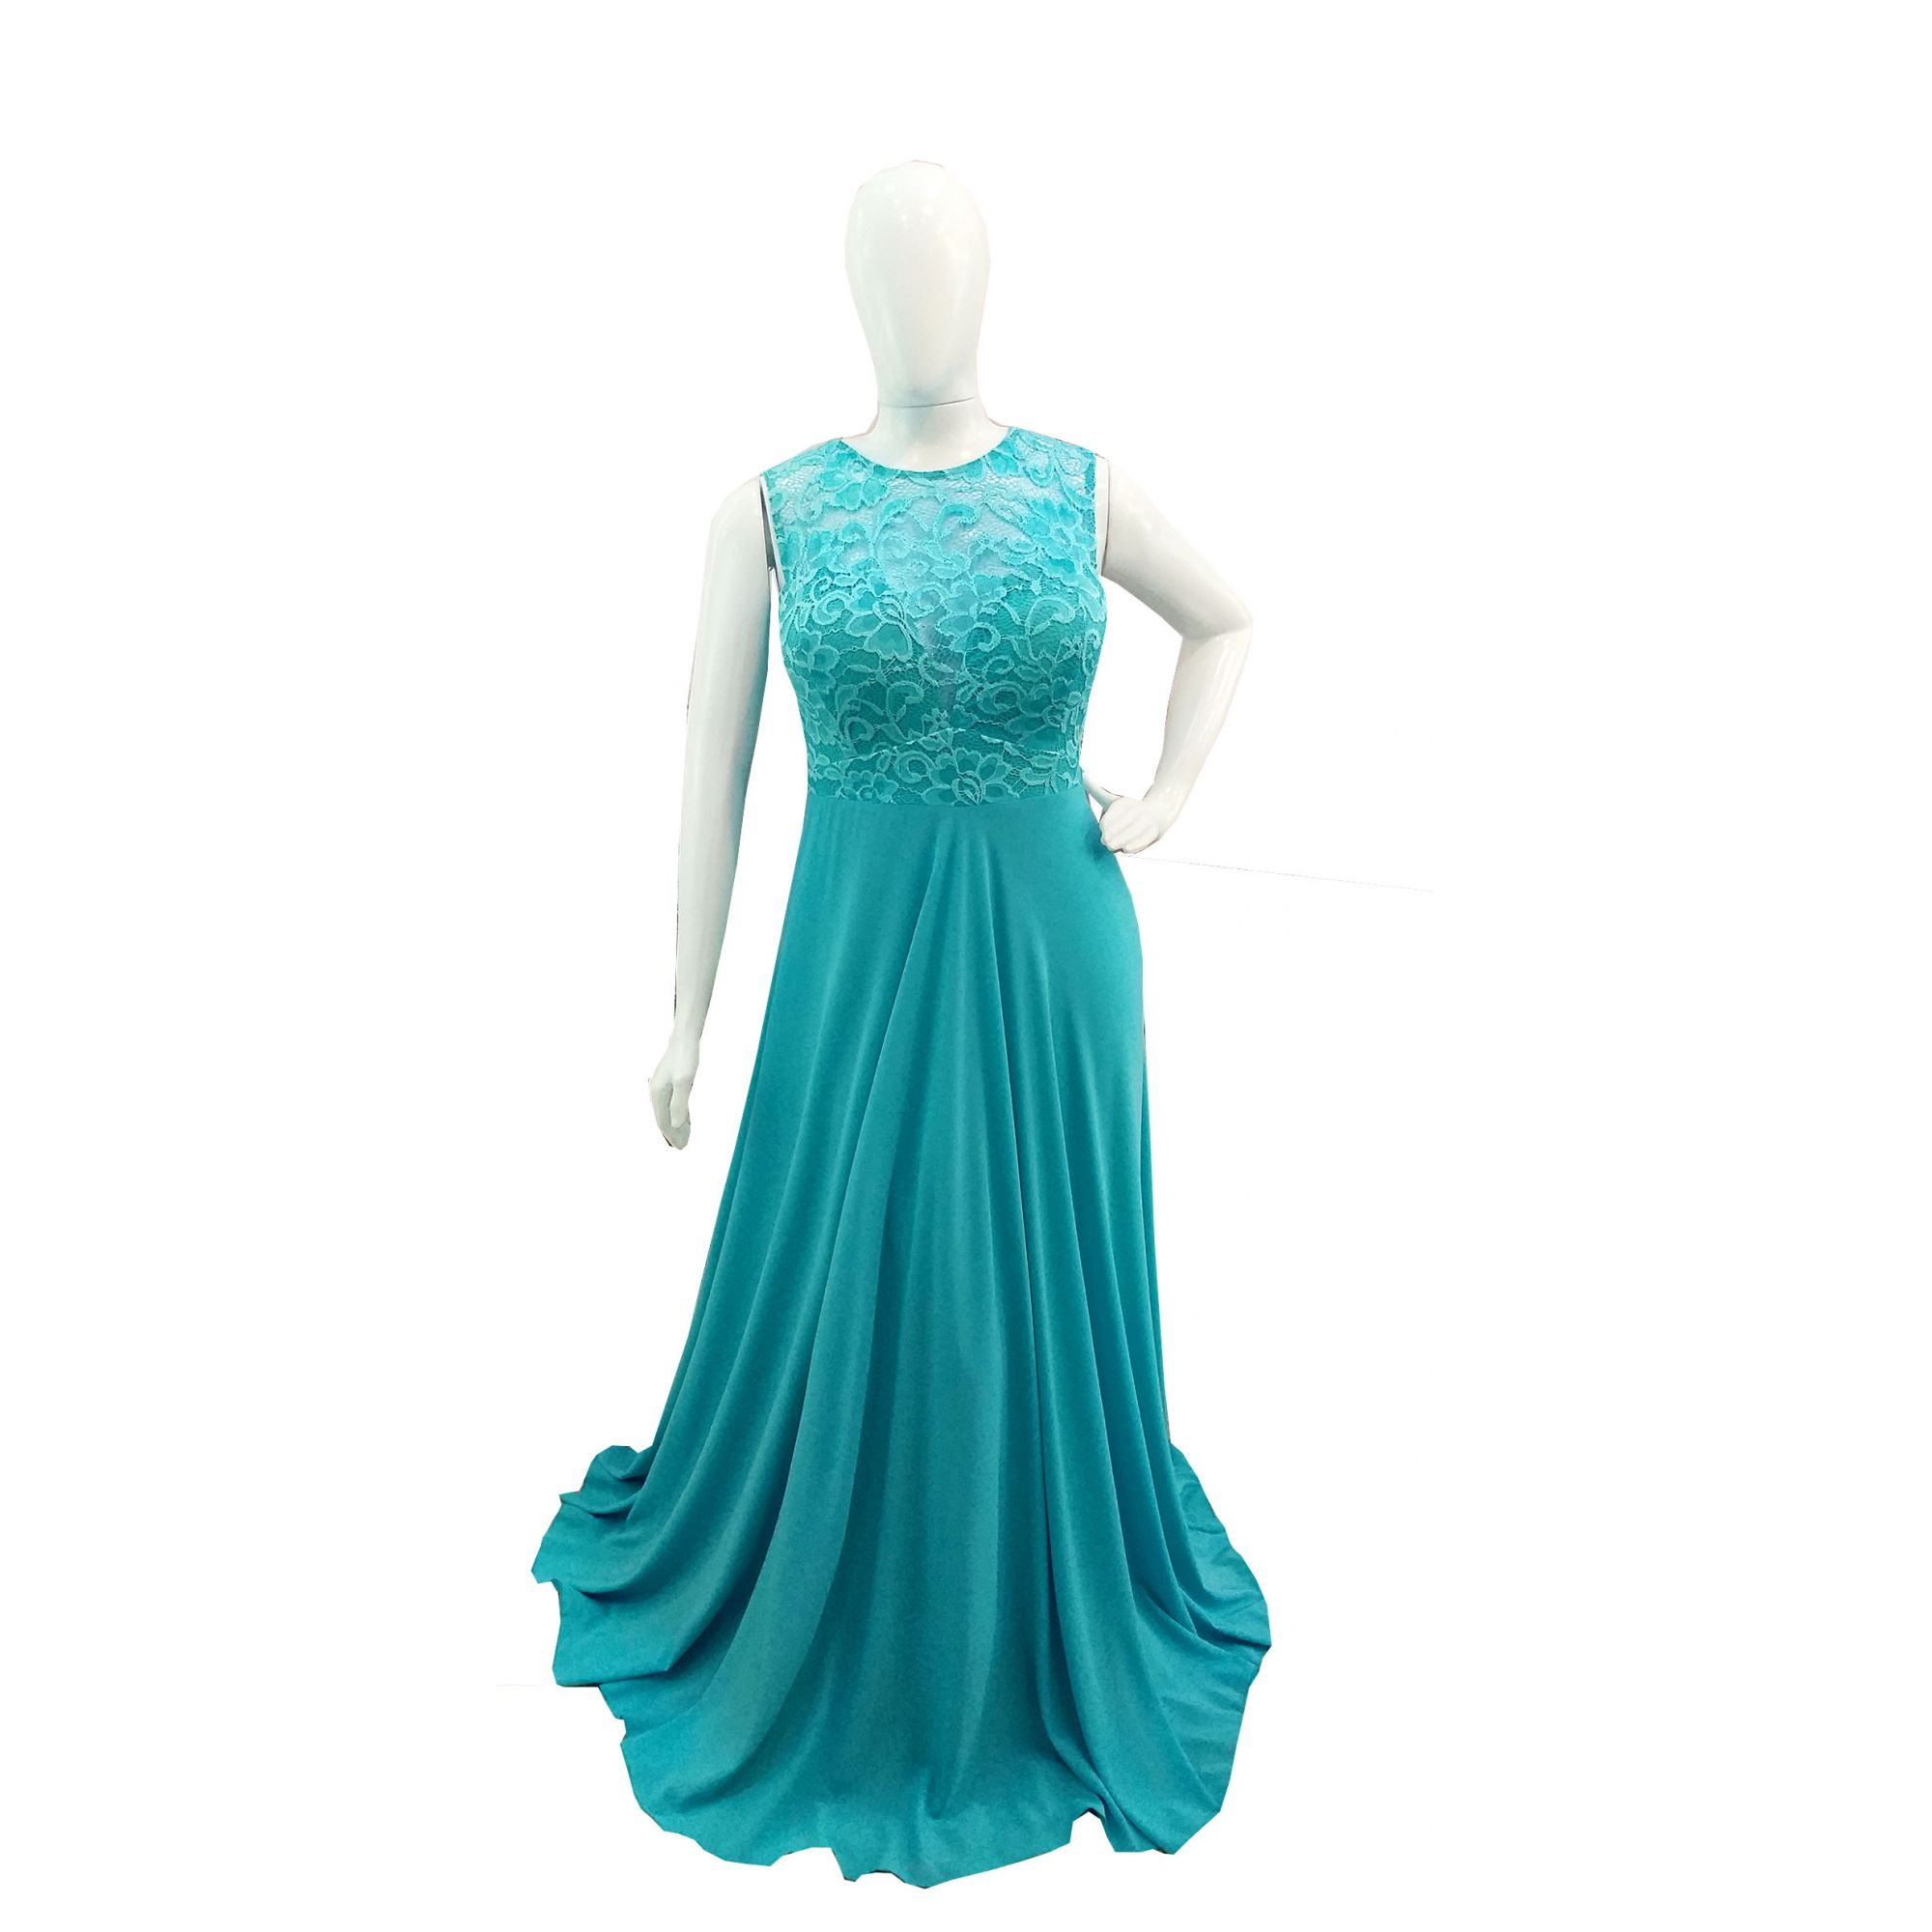 Vestido Festa Azul Tiffany Plus Size Madrinha Casamento